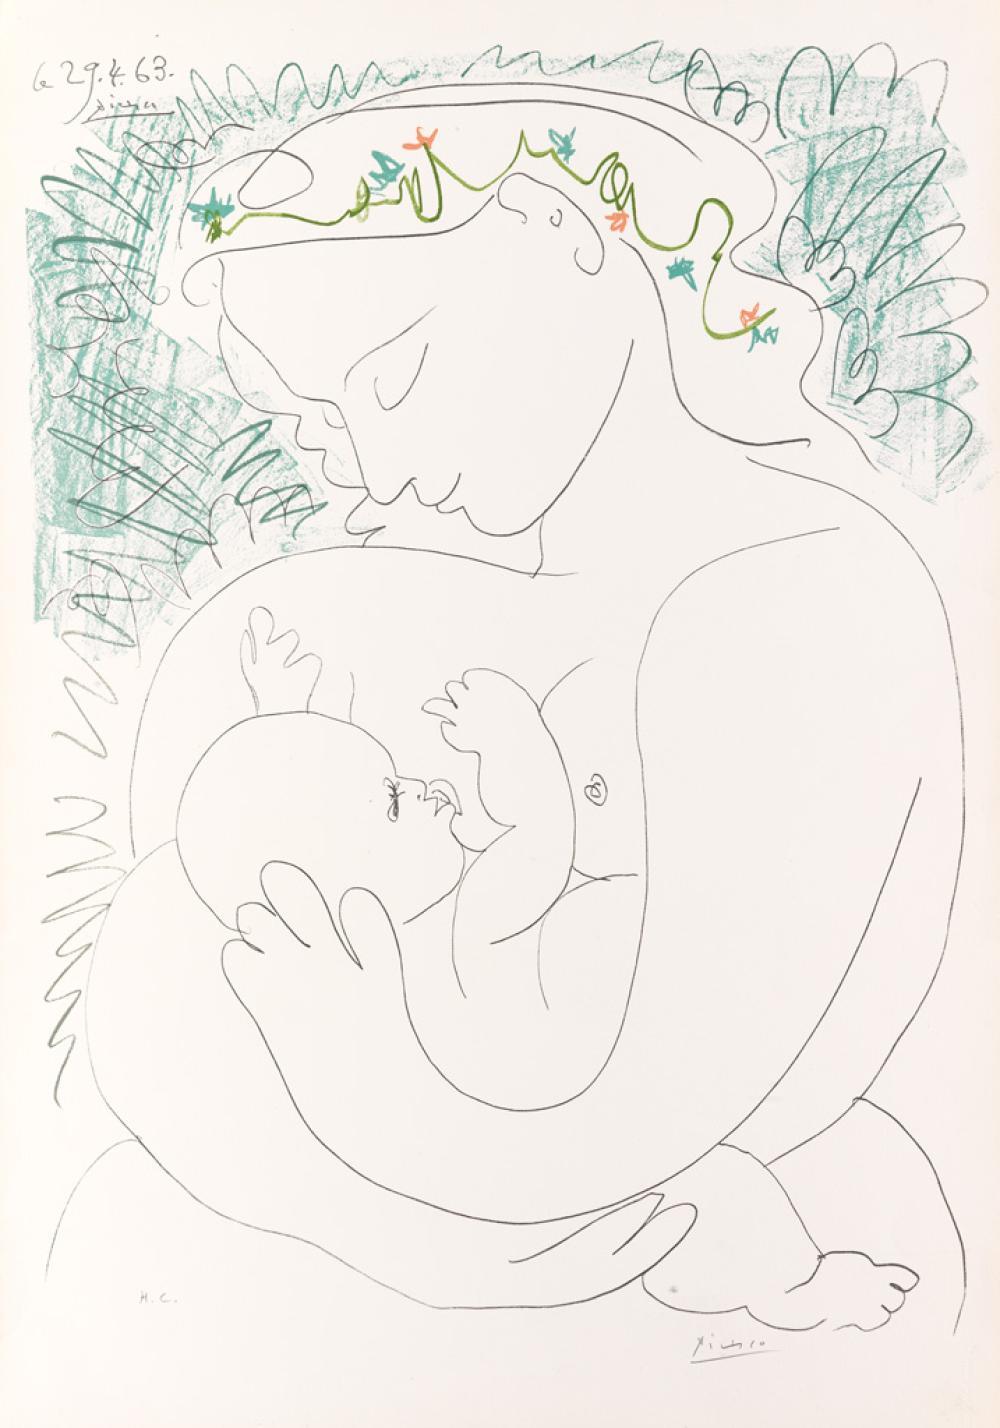 PABLO PICASSO (after) Grande Maternité